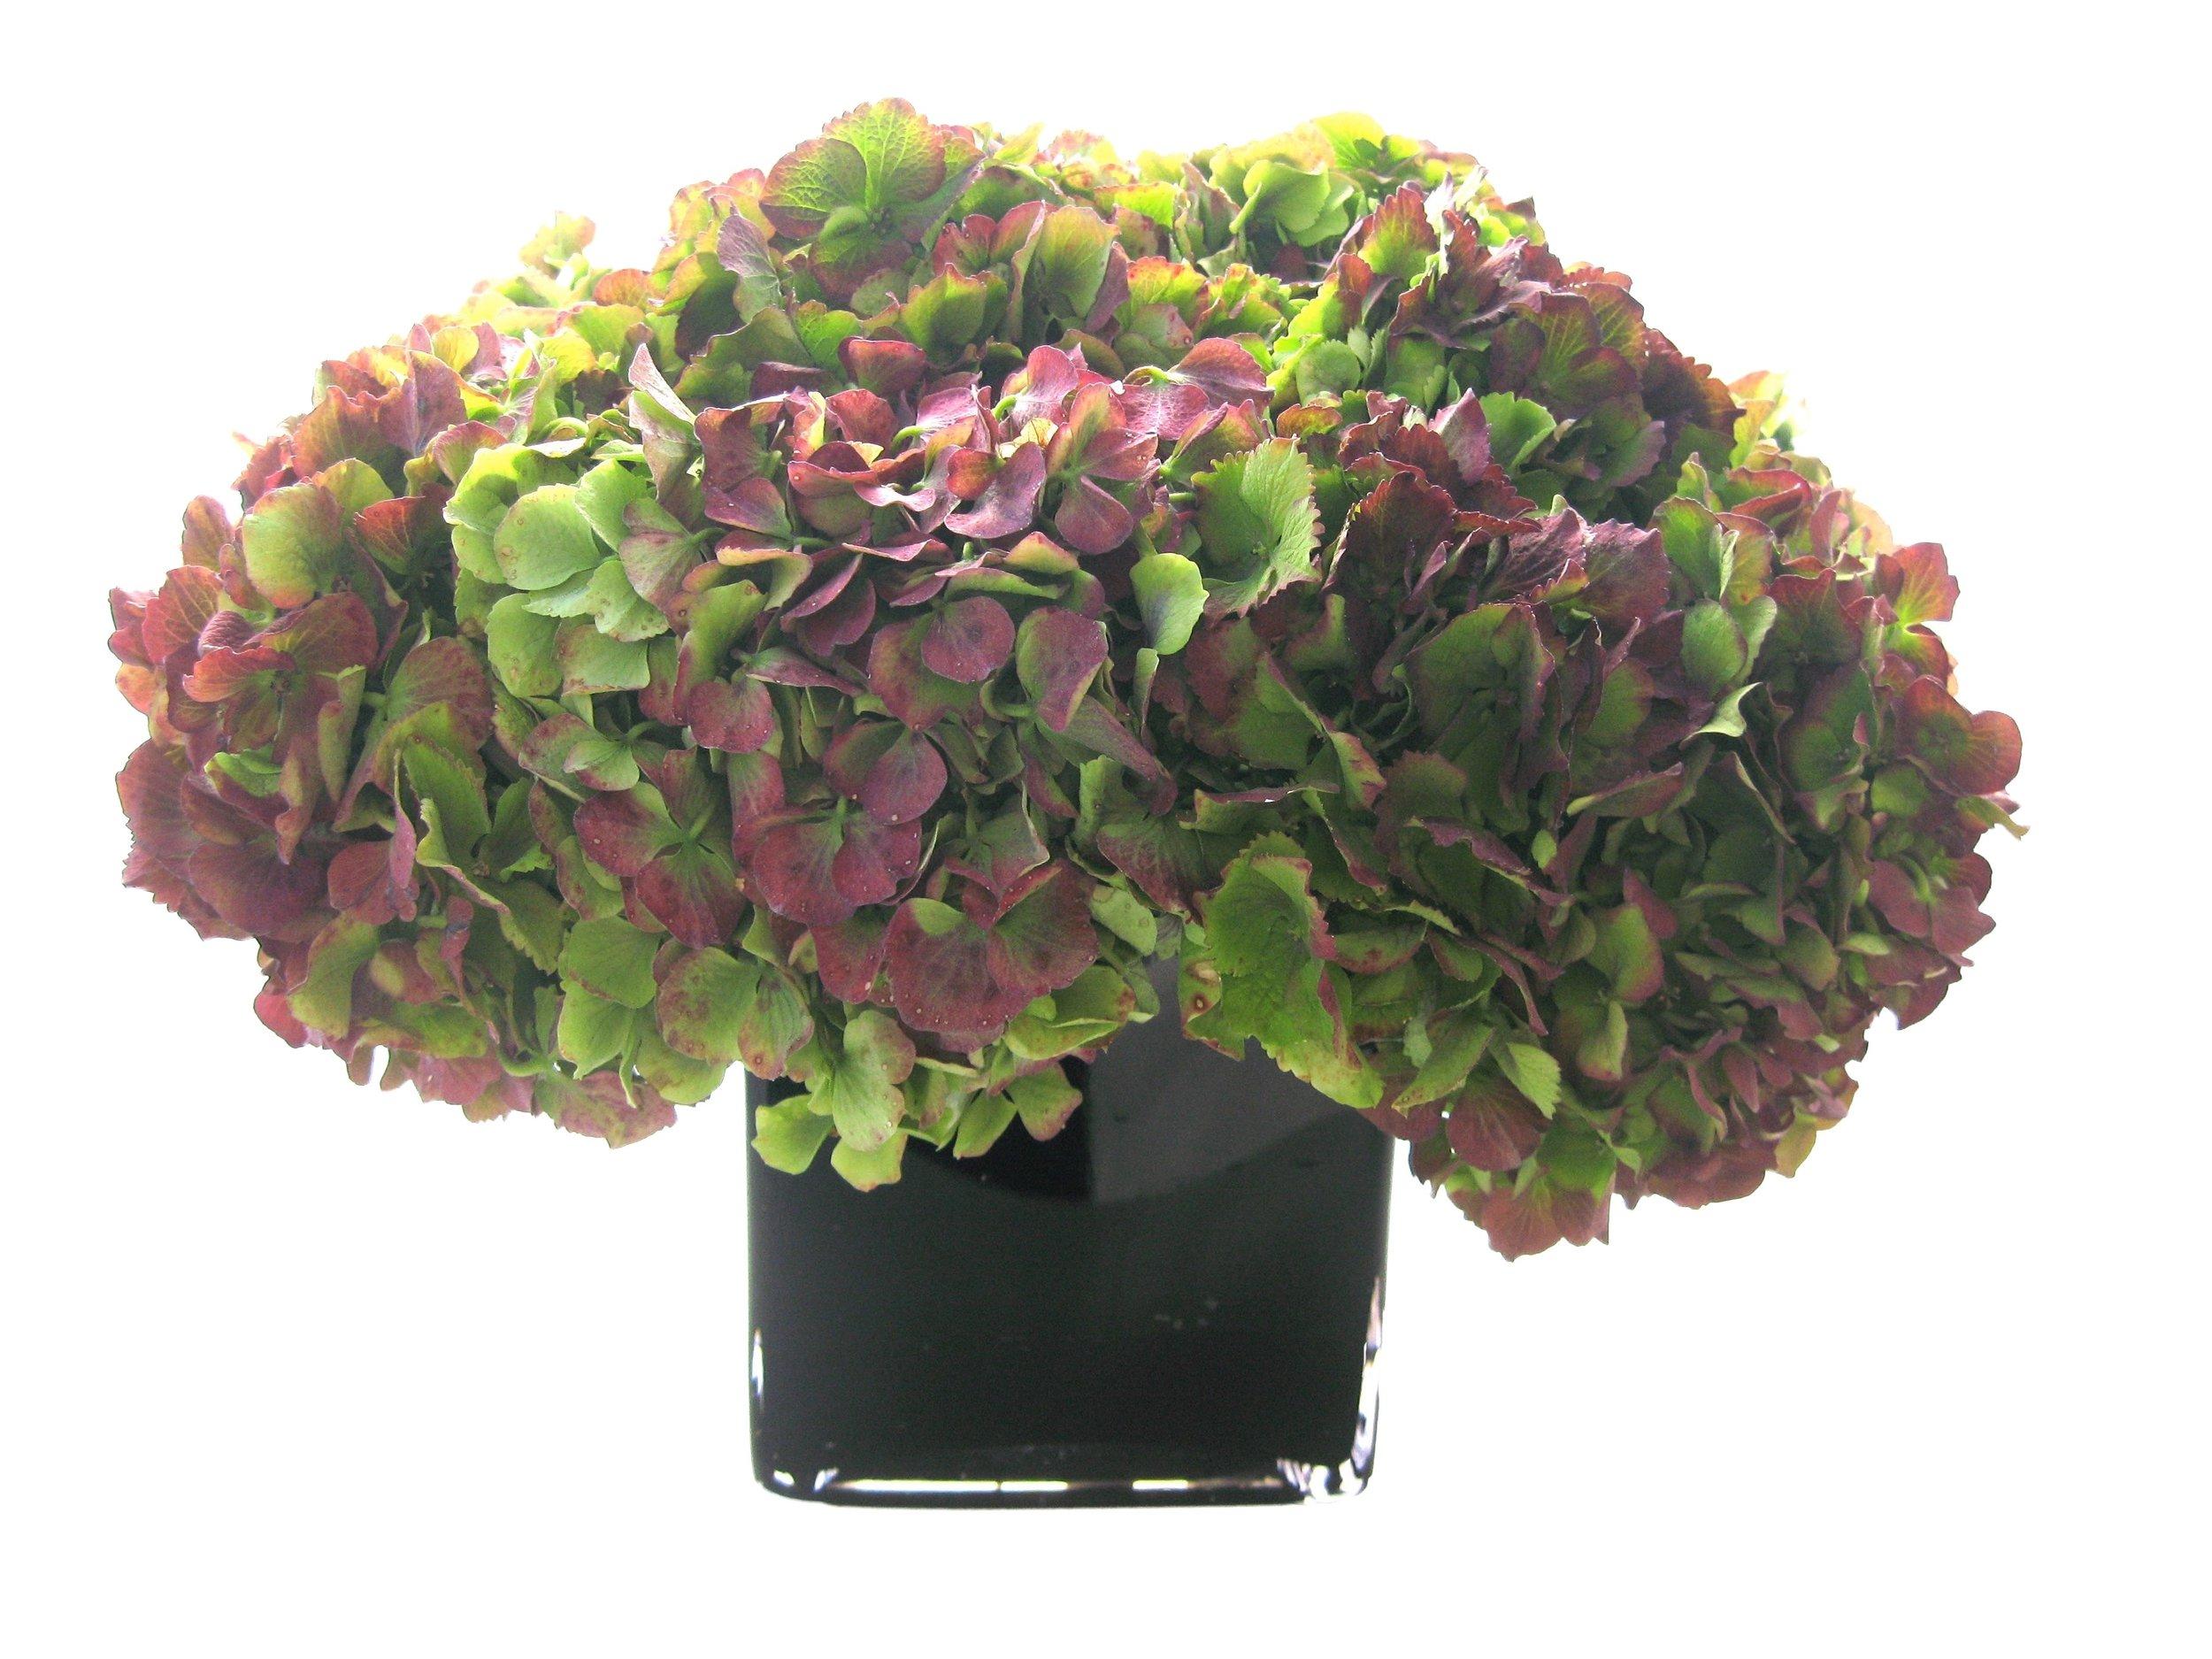 Autumn Hydrangea starts at $175